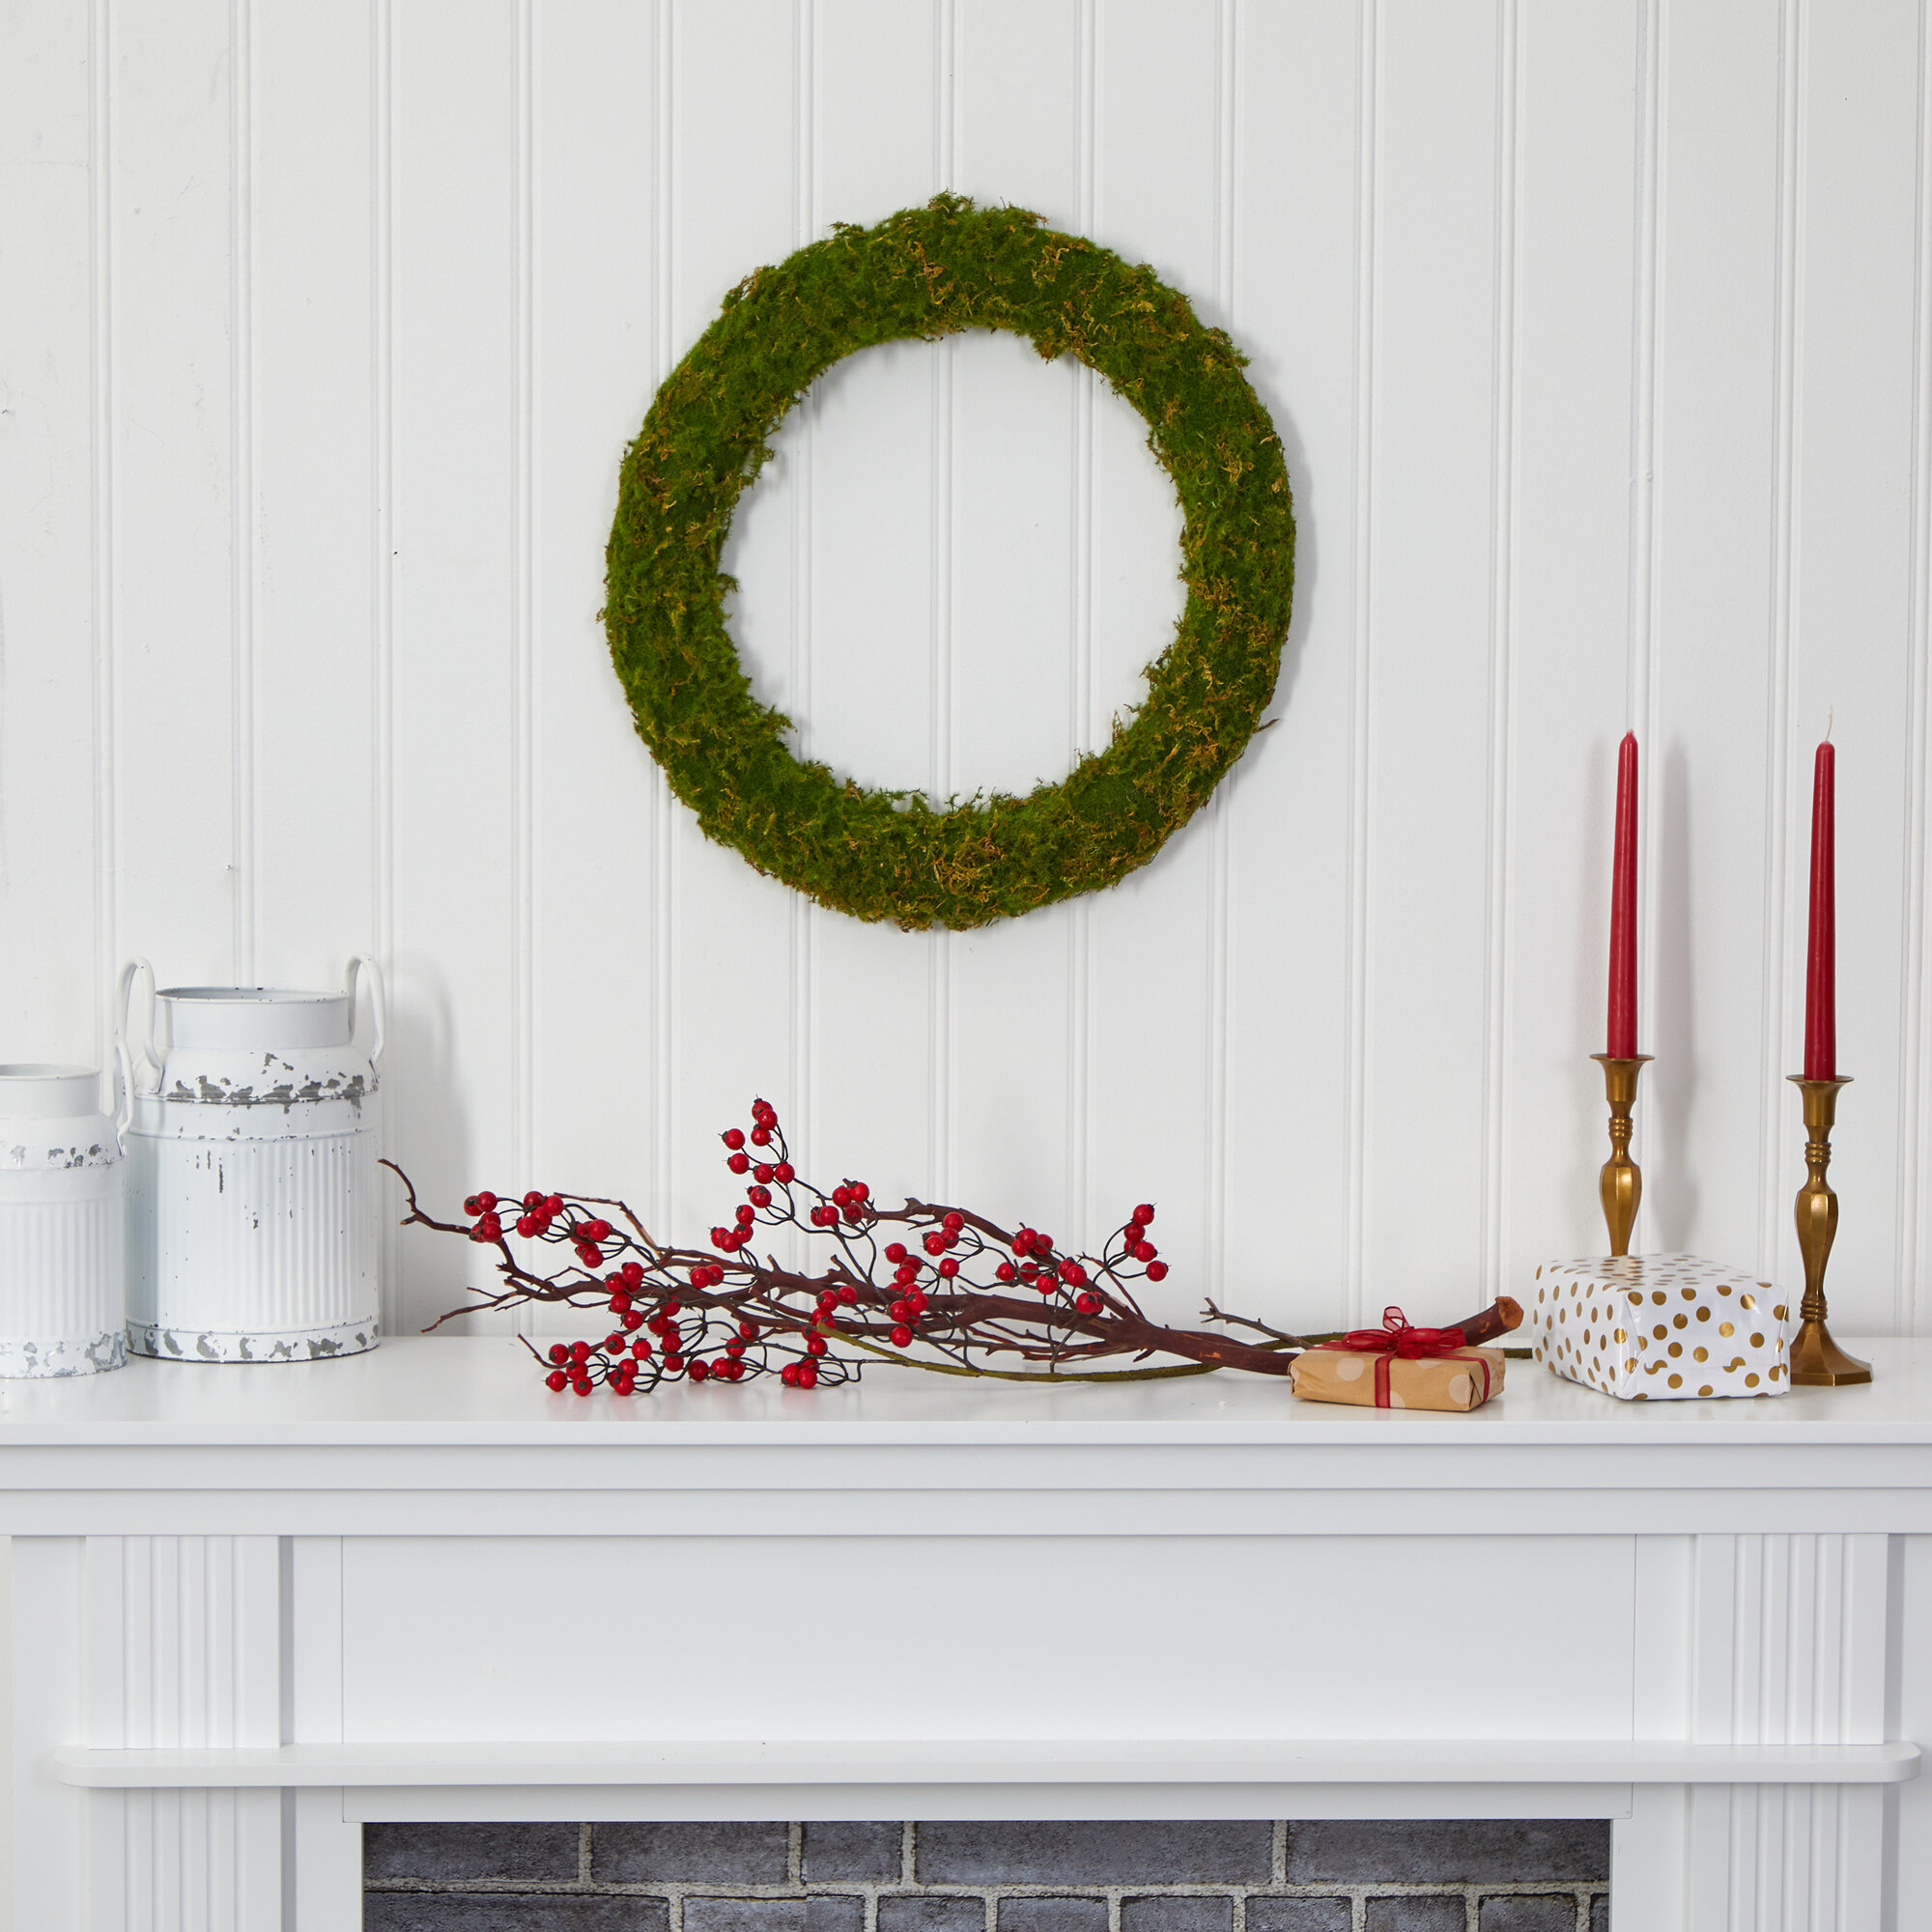 The Holiday Aisle 20 Foam Wreath Wayfair